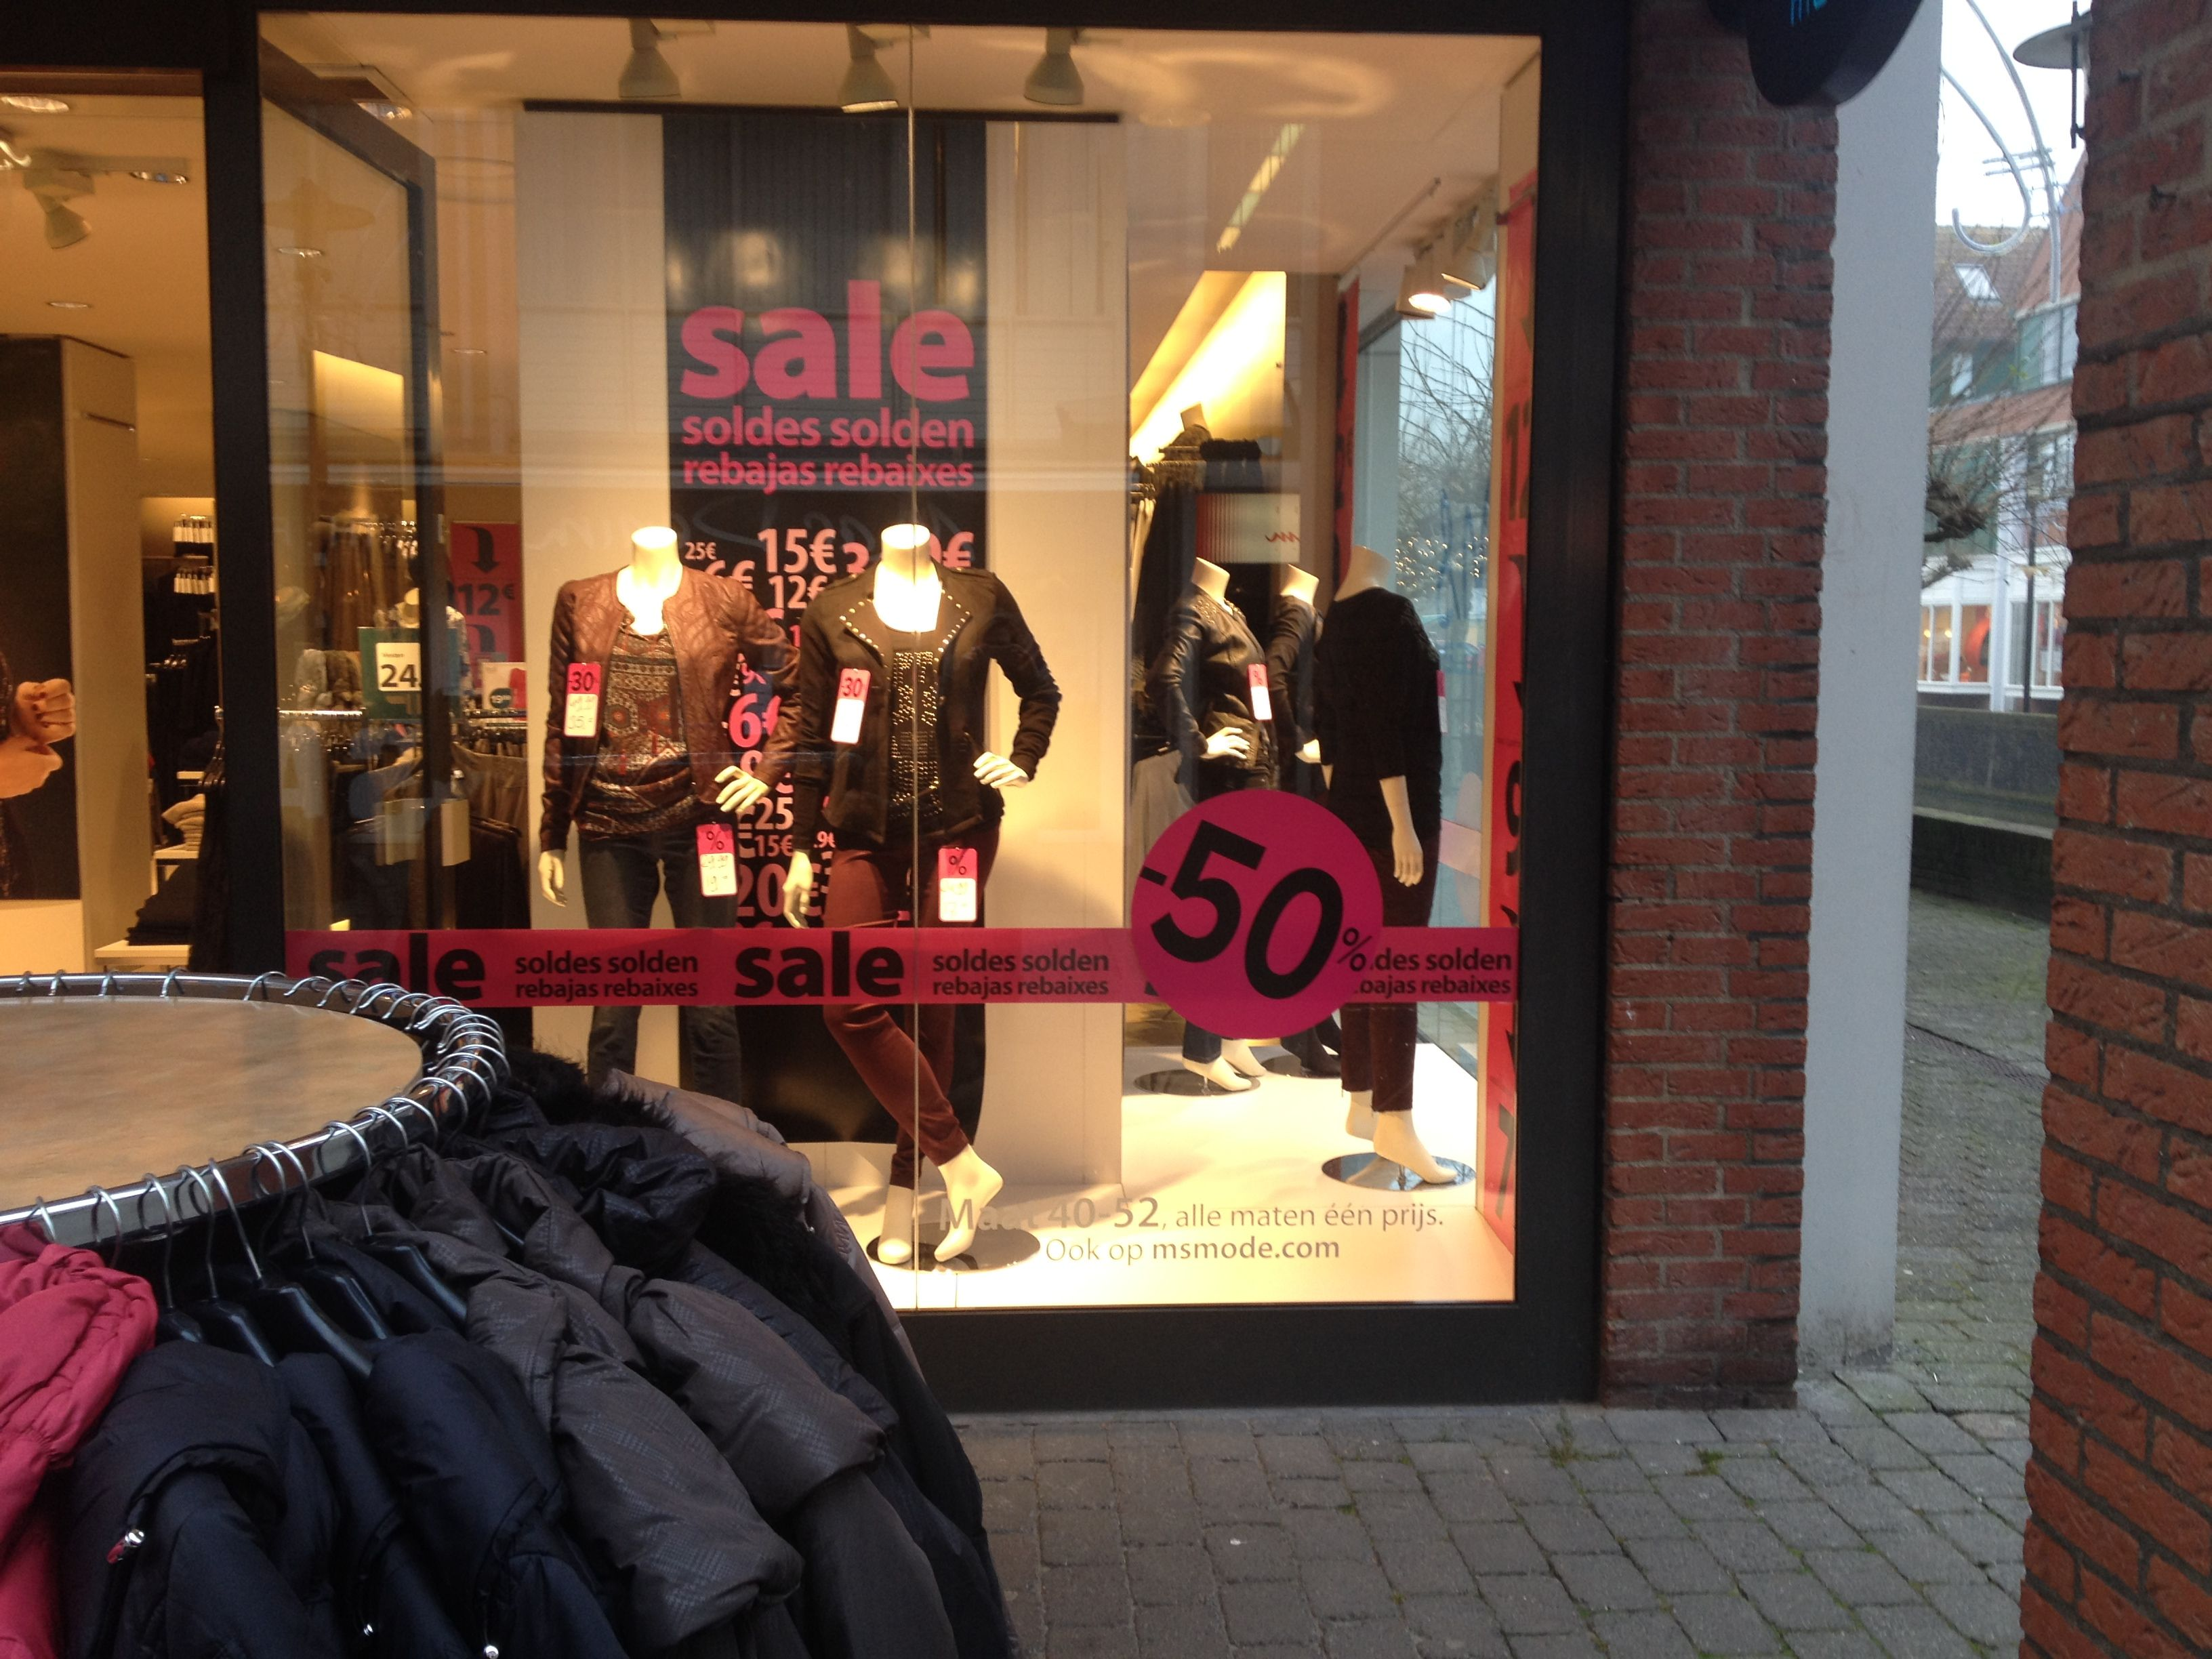 Kledingwinkel MS laat op deze wijze hun kleren zien. De etalage is aangepast op de feestdagen en mensen krijgen zo een beetje het idee wat er in deze winkel te krijgen valt.